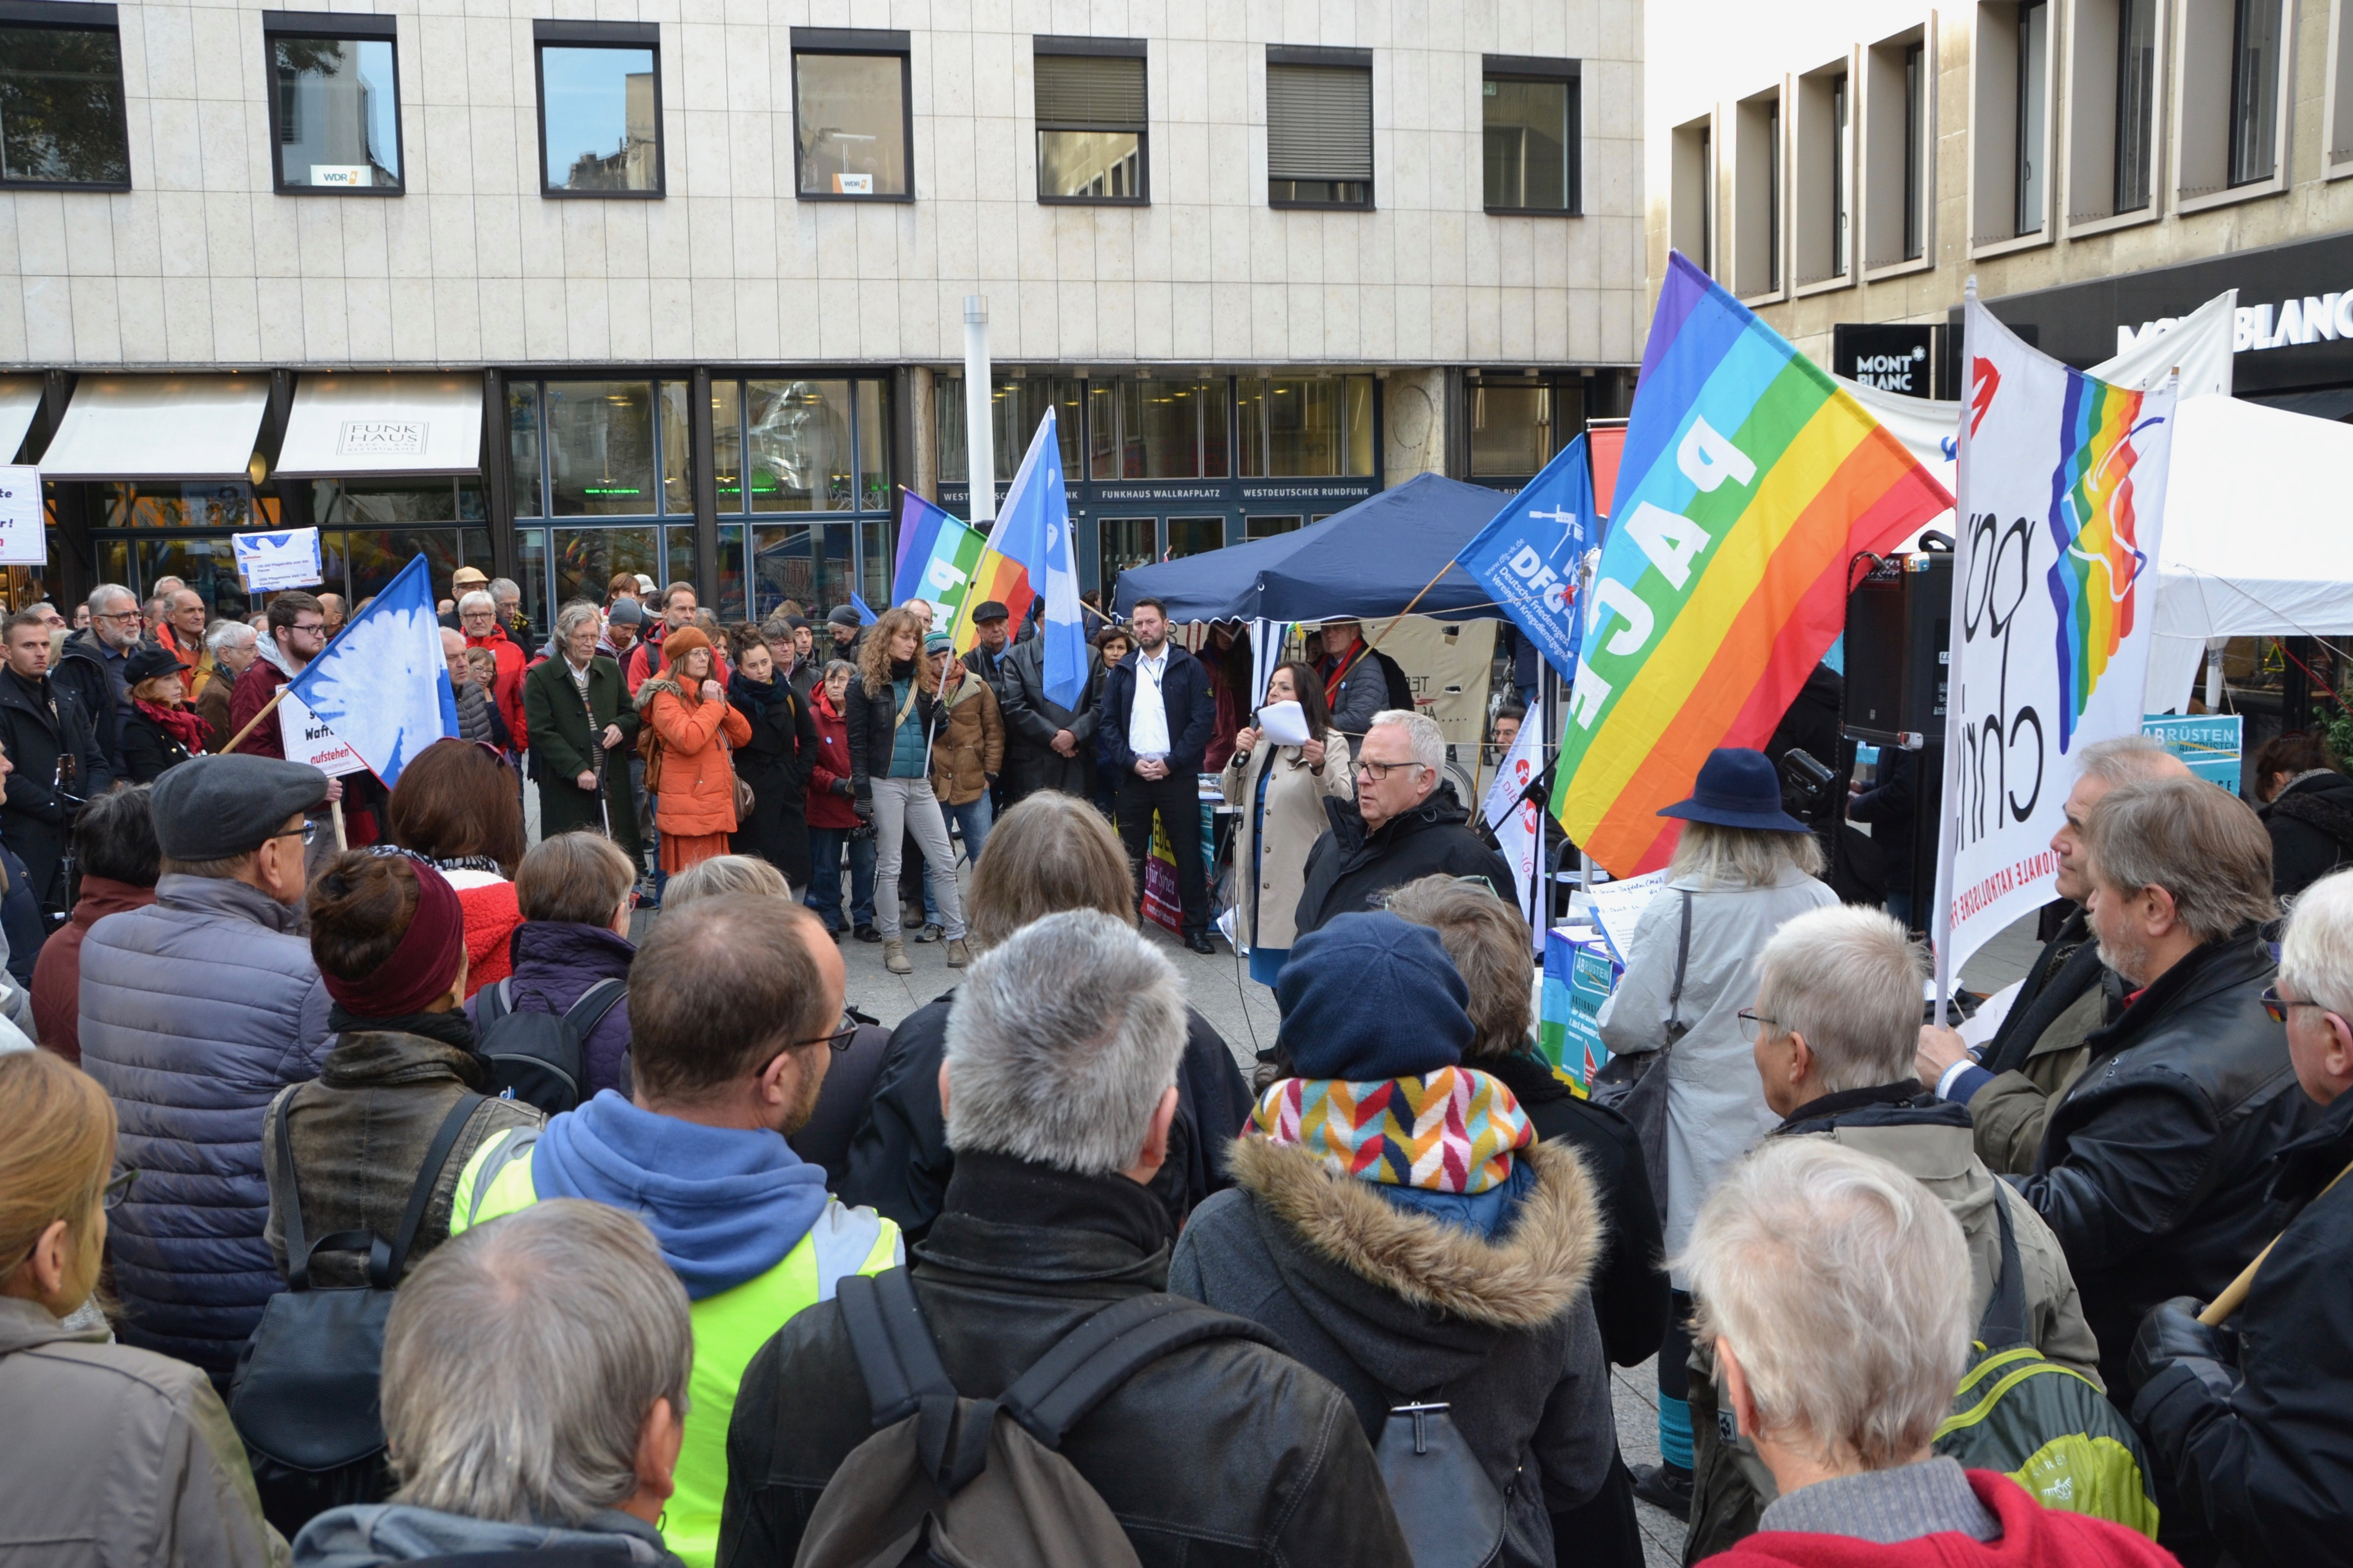 Ein dicht gedrängter Kreis von Menschen, die einer Rednerin zuhören. Friedensfahnen und Transparente im Hintergrund.